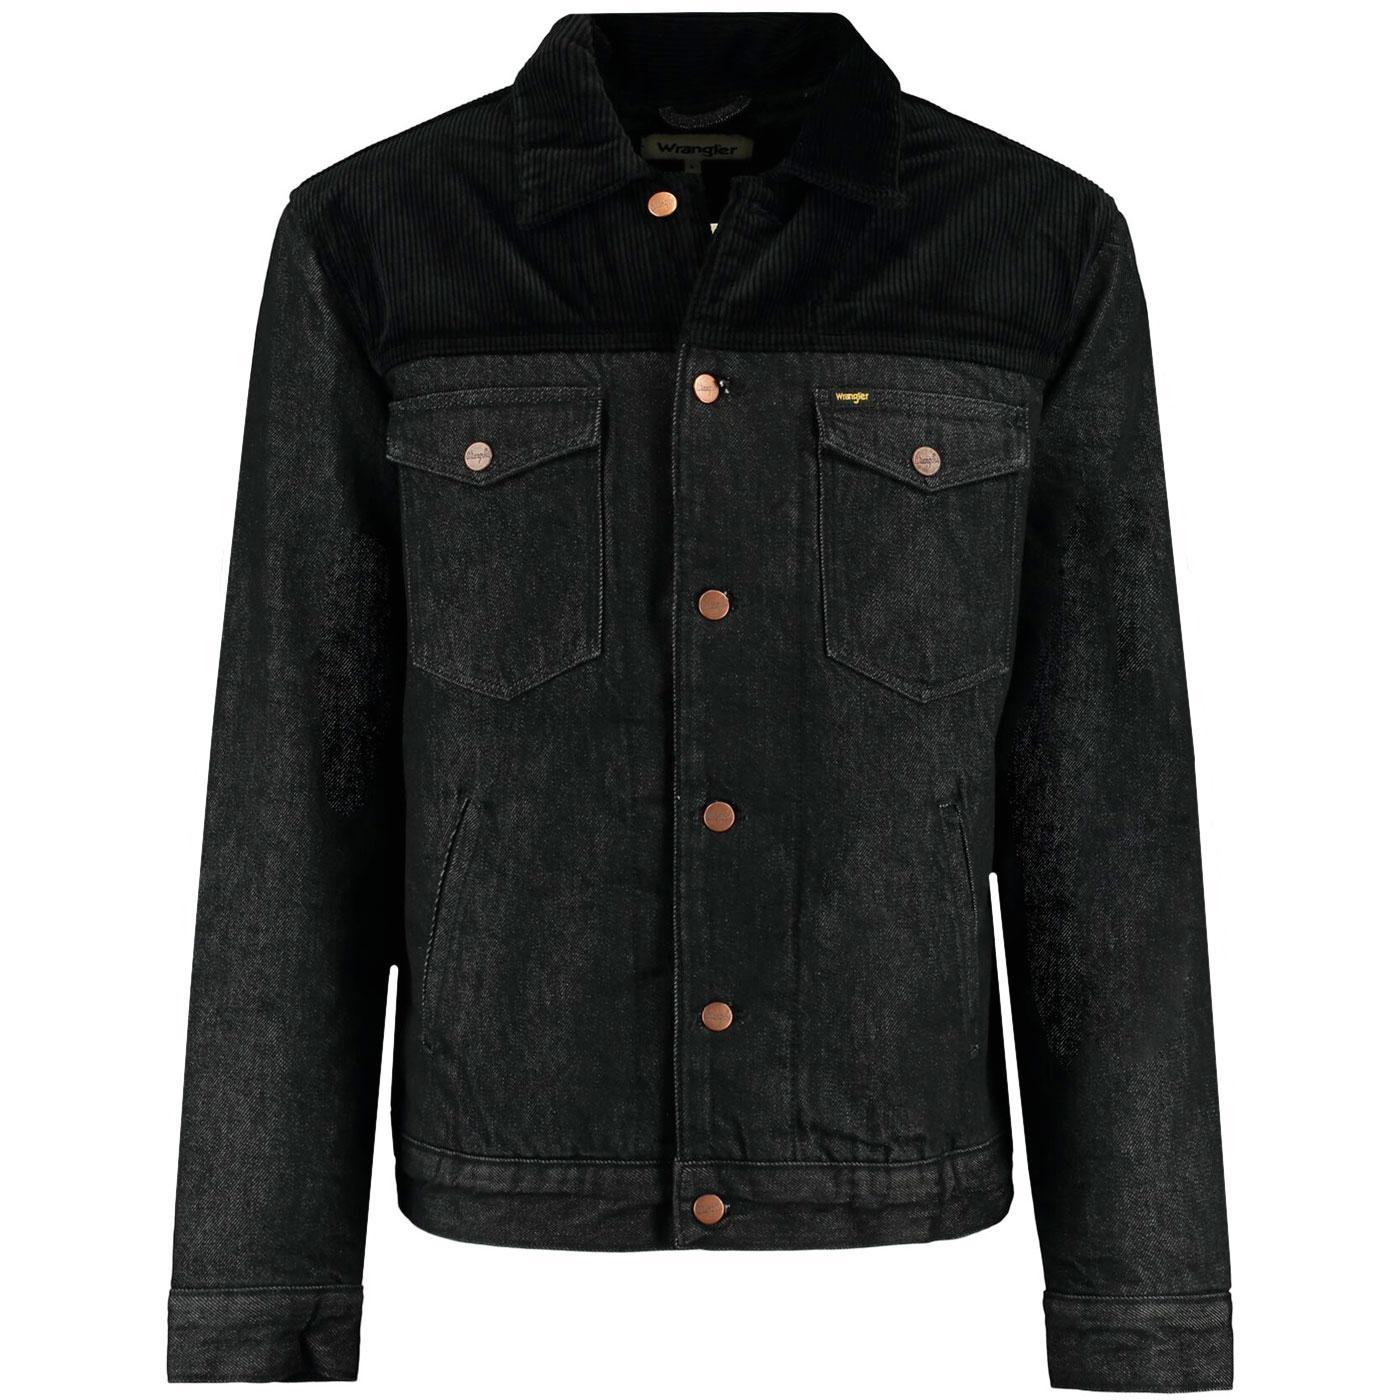 WRANGLER Retro Denim Sherpa Jacket - Black